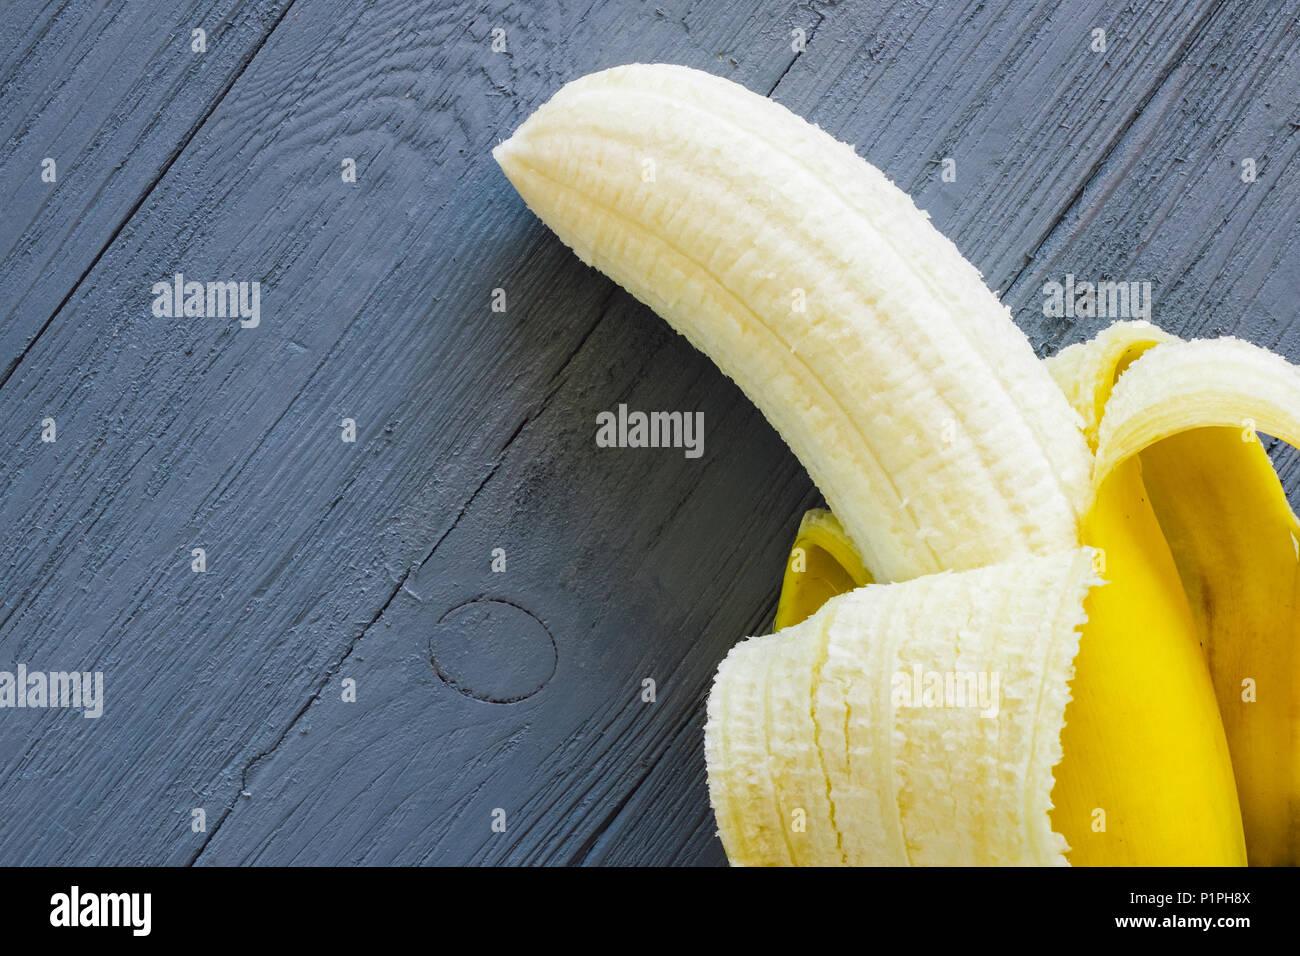 Banane pelées sur tableau bleu avec espace pour copier Photo Stock